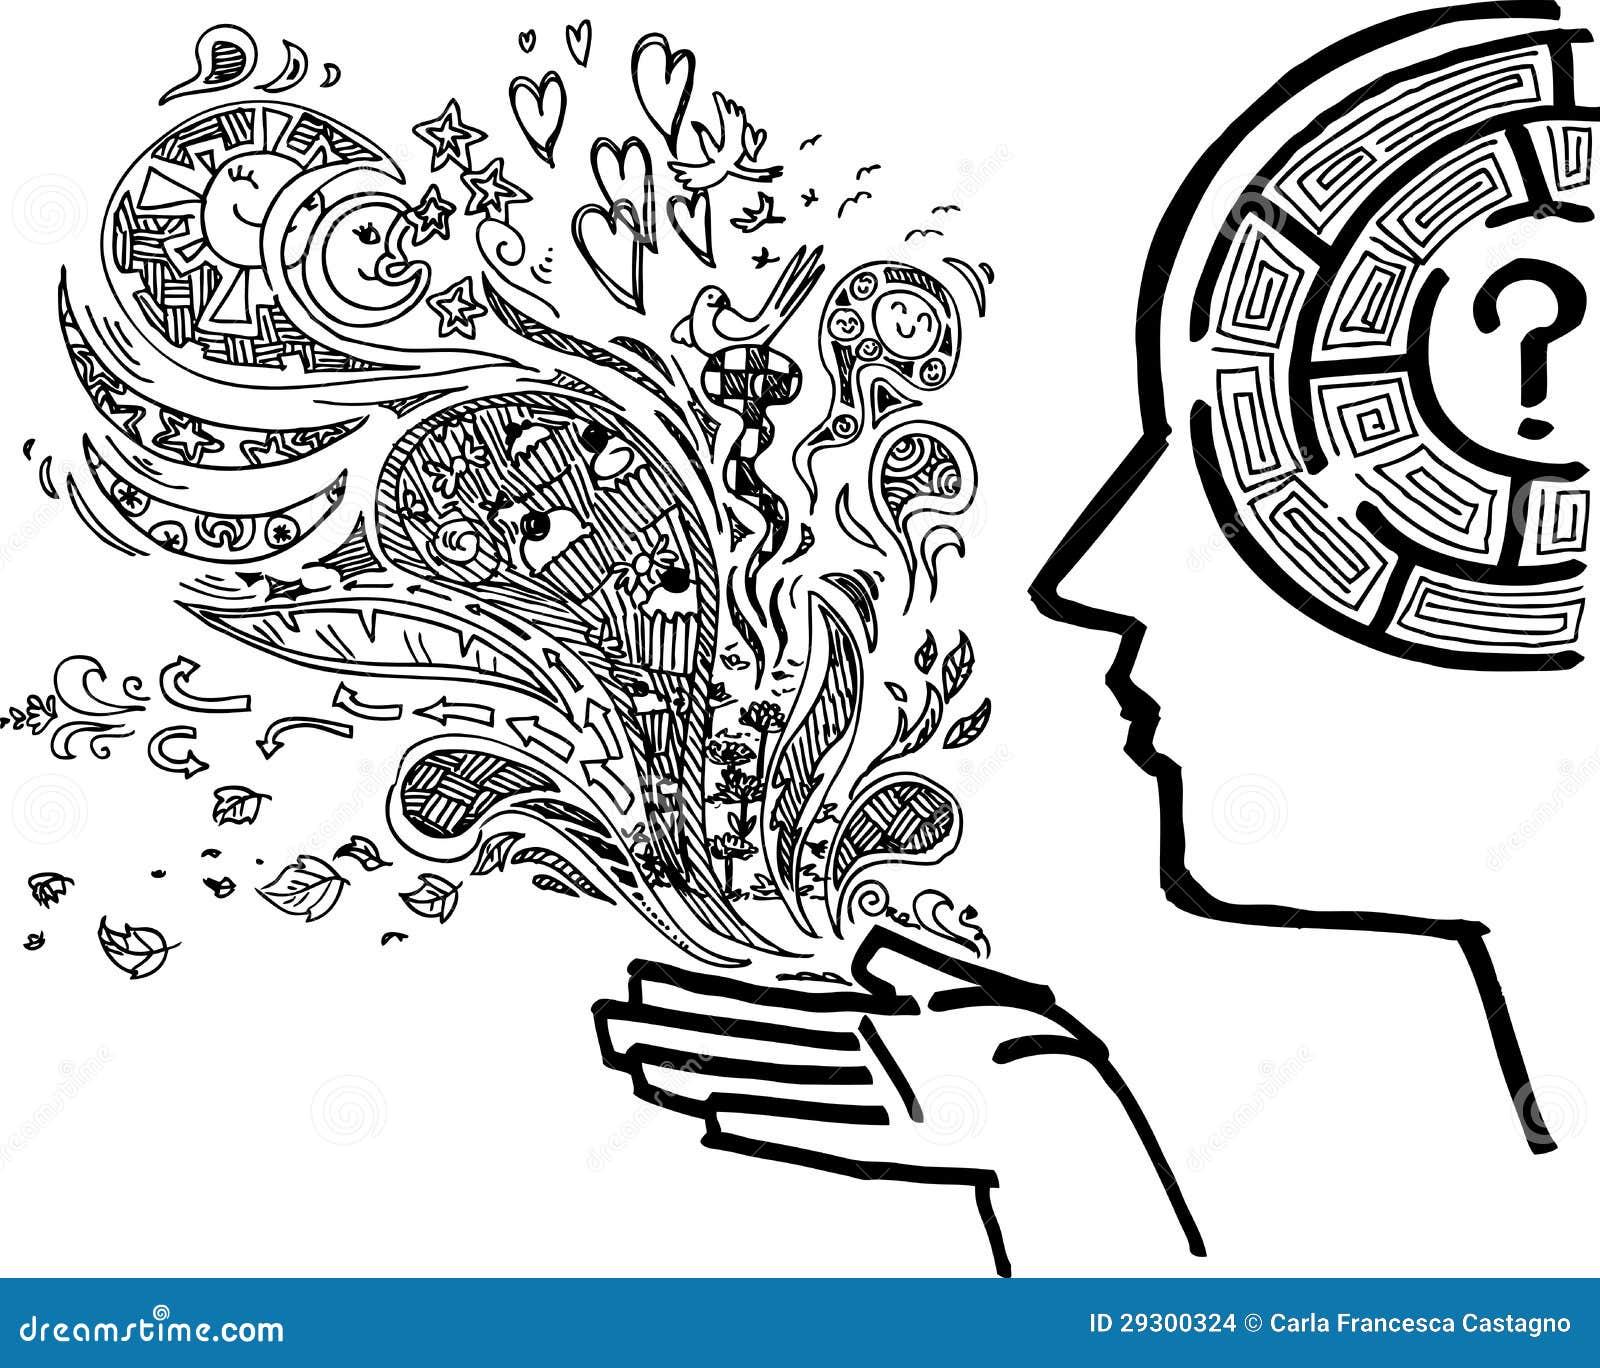 Schetsmatige krabbel van geestelijke gedachten